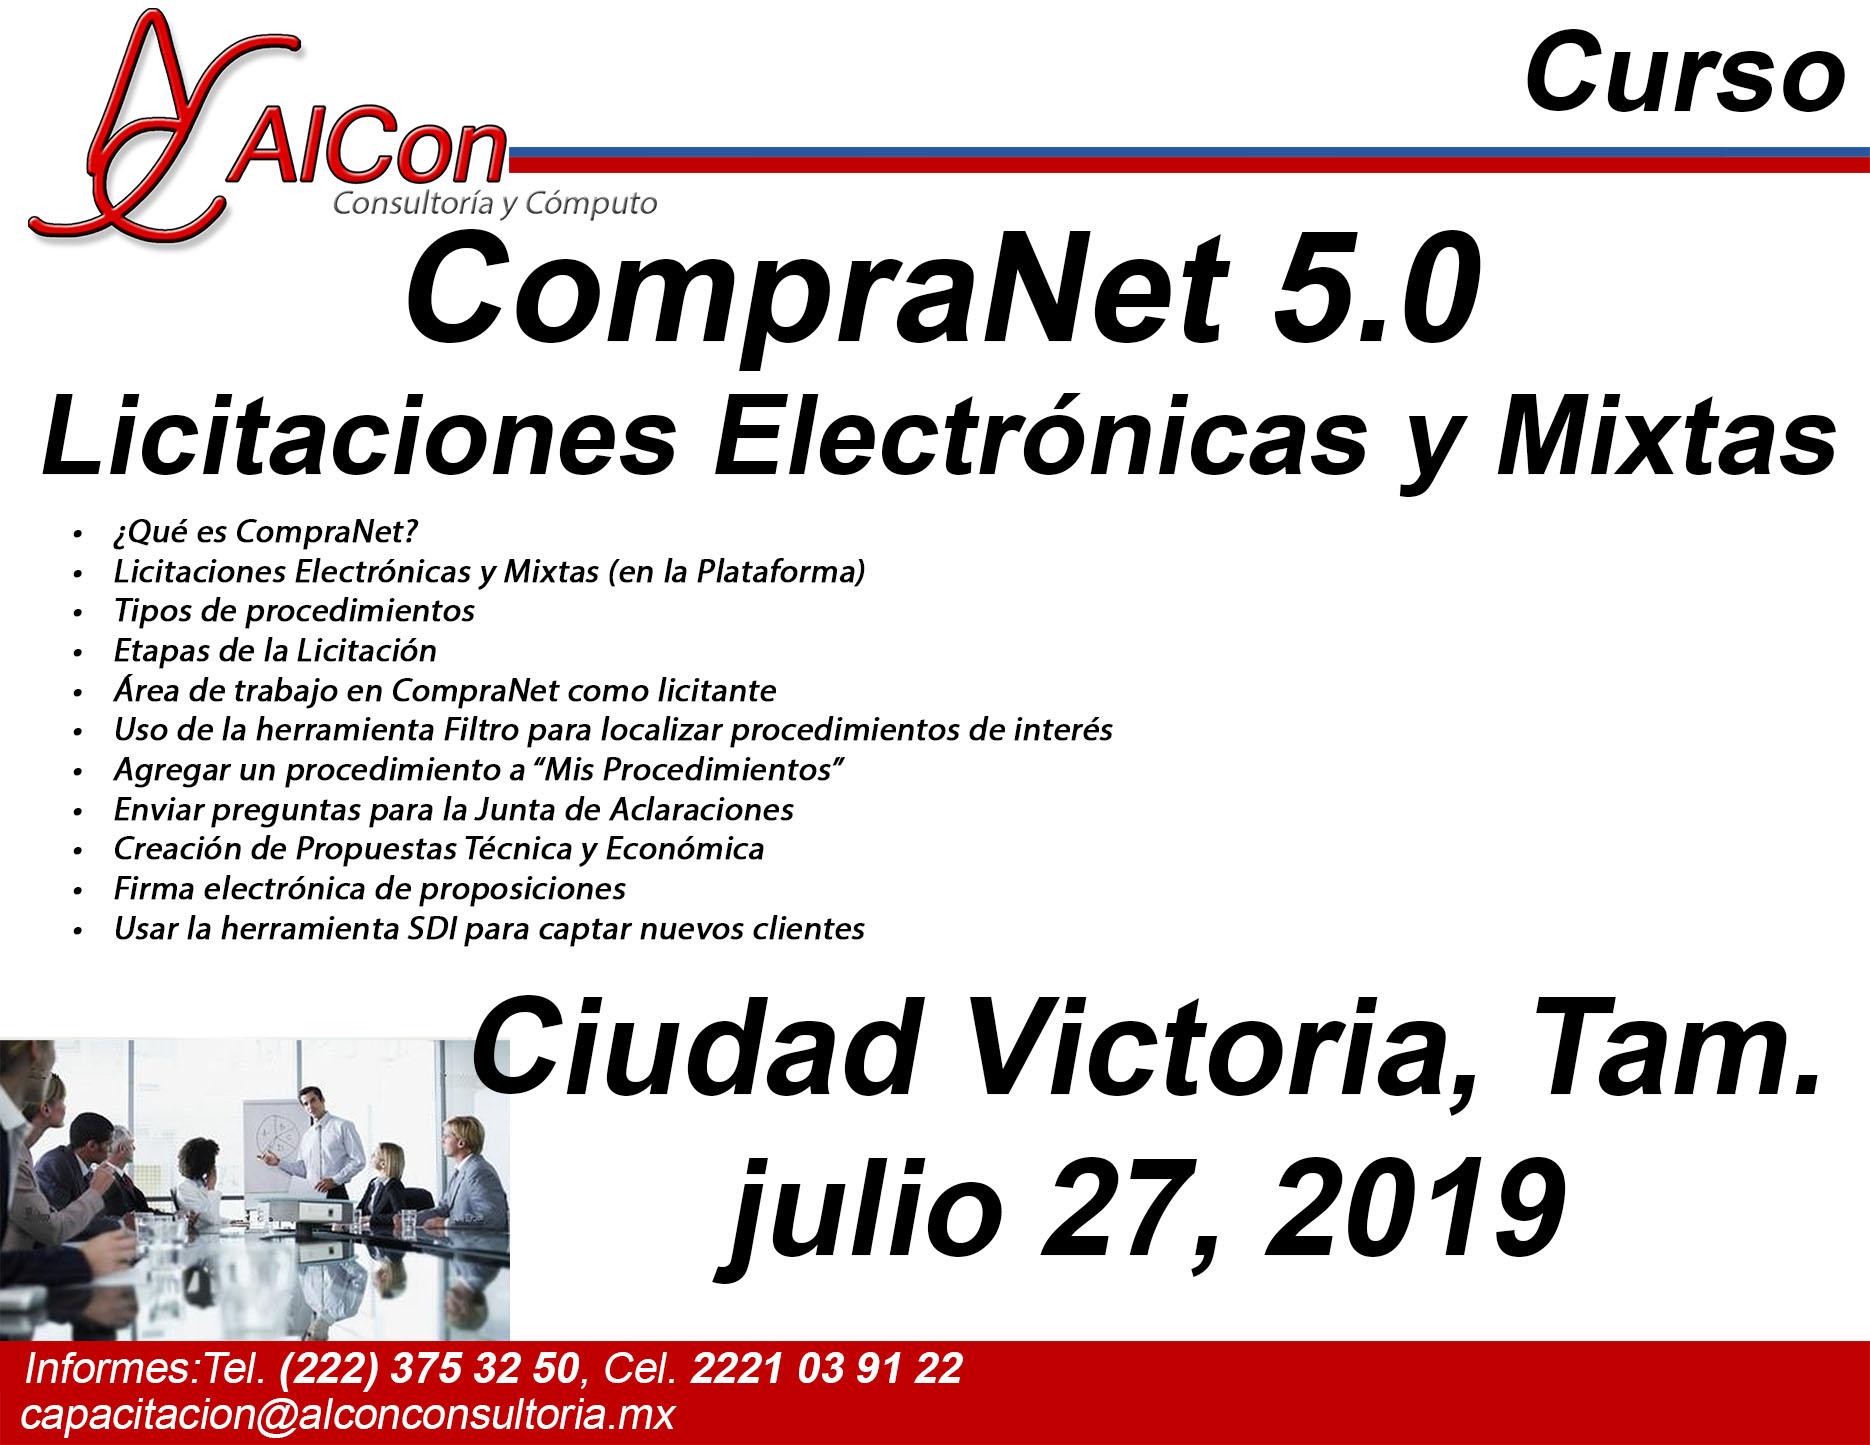 Curso de CompraNet 5.0, Ciudad Victoria, Tamaulipas, AlCon Consultoría y Cómputo, AlCon Consulting And Commerce, AlCon C&C